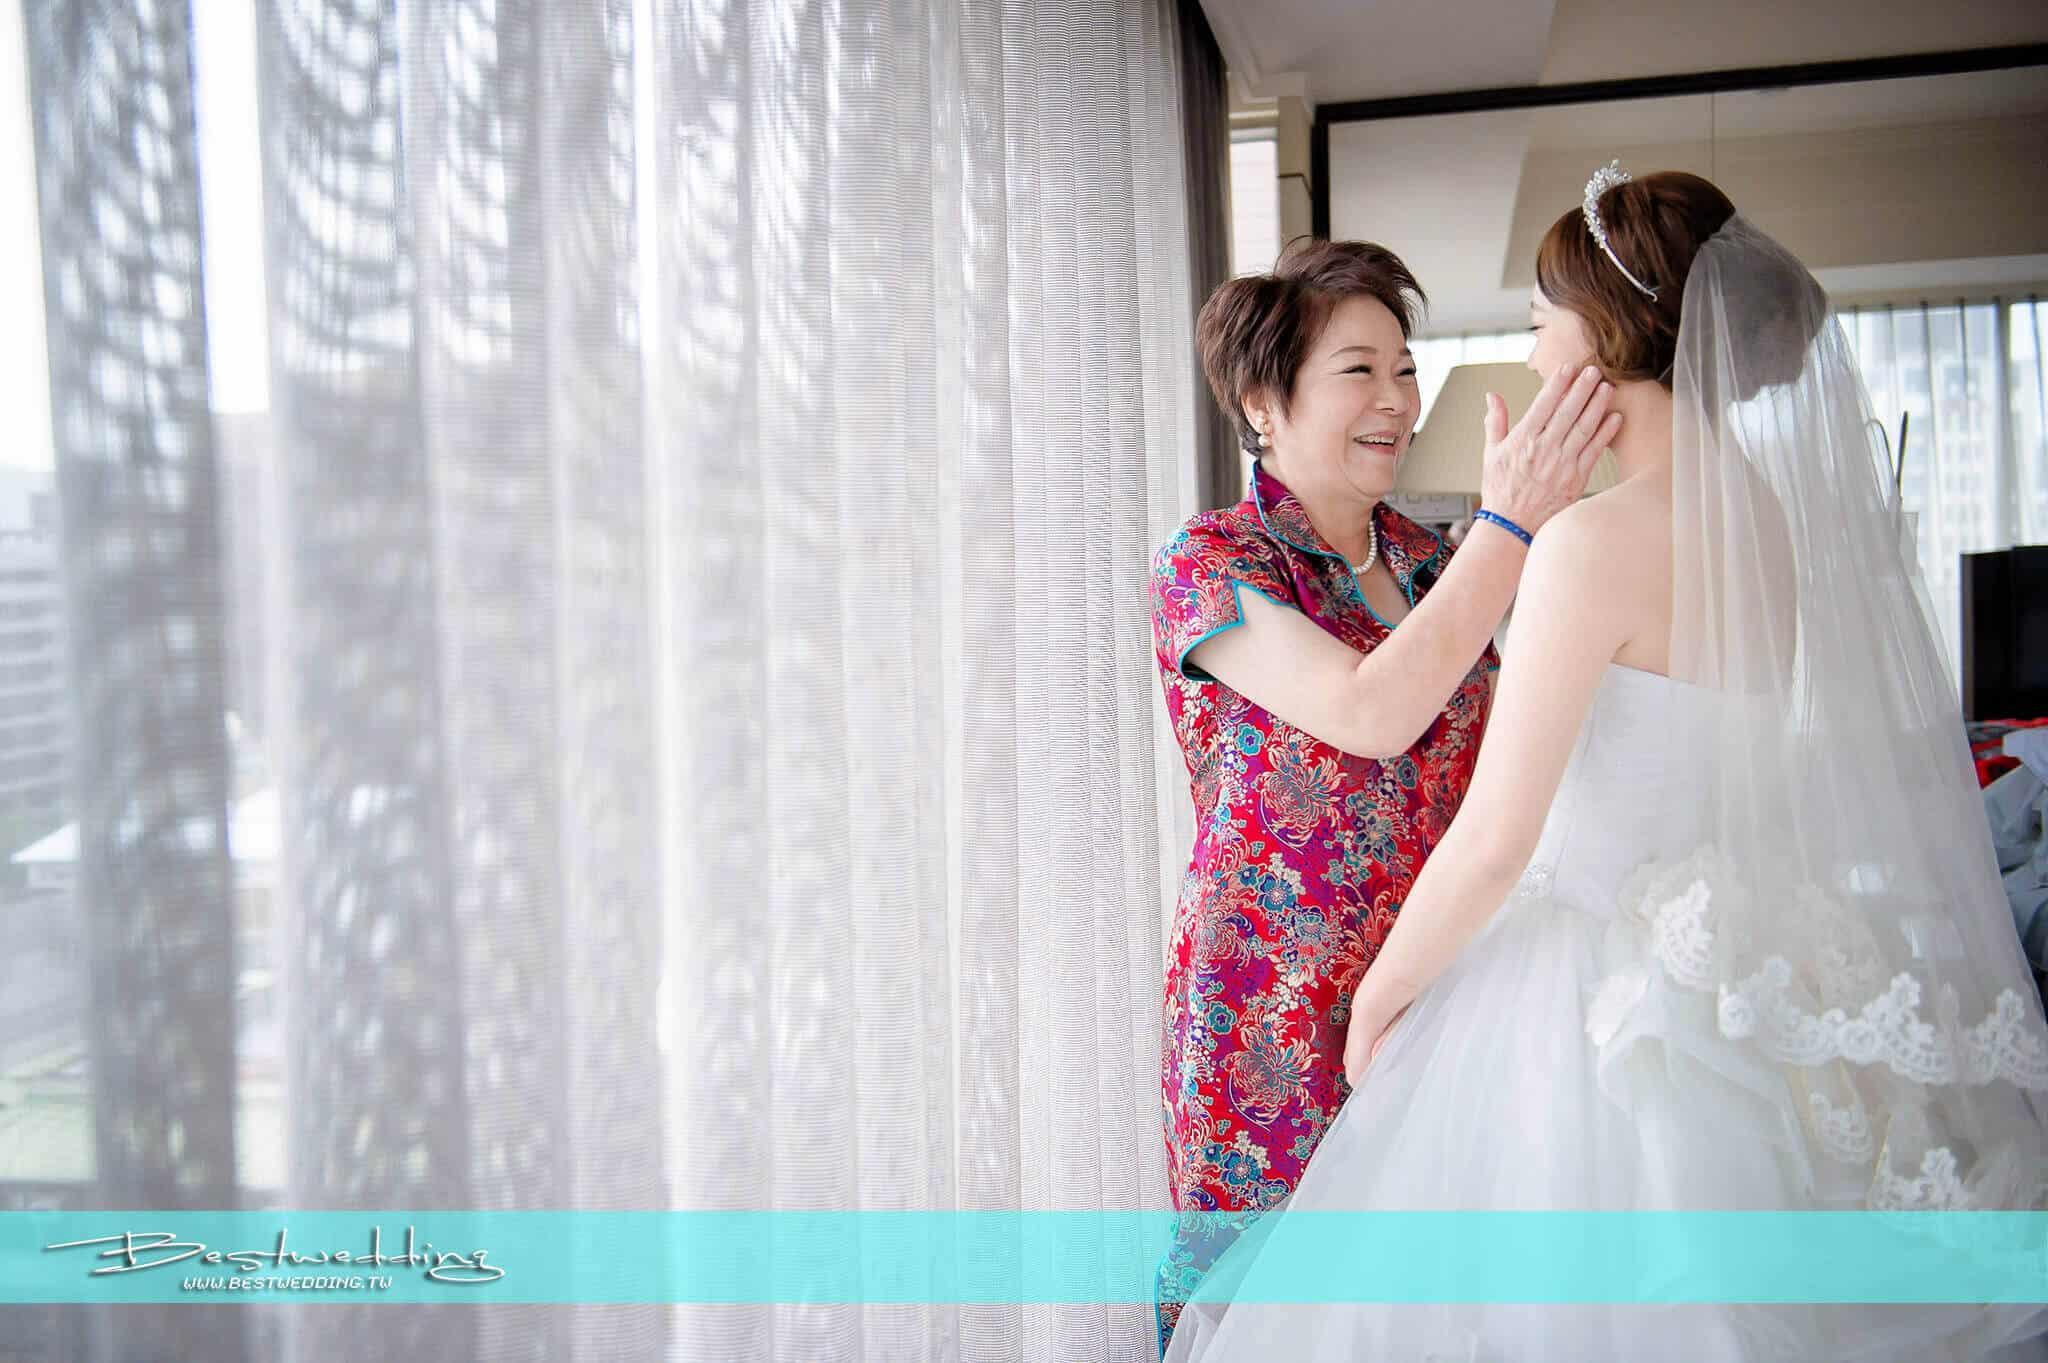 婚攝 - JACKY ♥ DOLA 結婚婚宴 民生晶宴會館